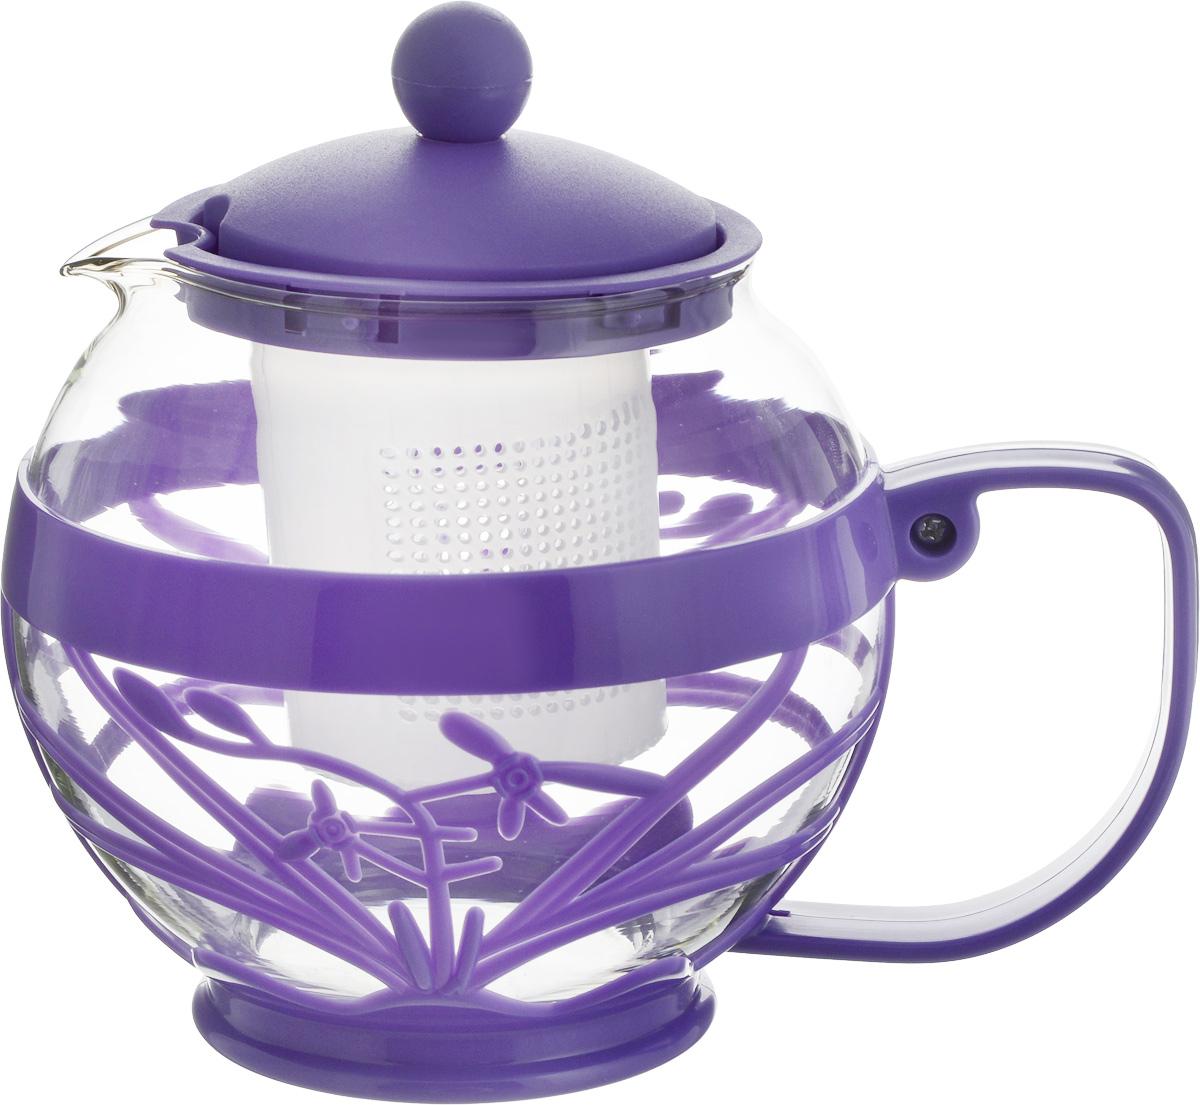 Чайник заварочный Wellberg Aqual, с фильтром, цвет: прозрачный, фиолетовый, 800 млVT-1520(SR)Заварочный чайник Wellberg Aqual изготовлен из высококачественного пластика и жаропрочного стекла. Чайник имеет пластиковый фильтр и оснащен удобной ручкой. Он прекрасно подойдет для заваривания чая и травяных напитков. Такой заварочный чайник займет достойное место на вашей кухне.Высота чайника (без учета крышки): 11,5 см.Высота чайника (с учетом крышки): 14 см. Диаметр (по верхнему краю) 7 см.Высота сито: 6 см.